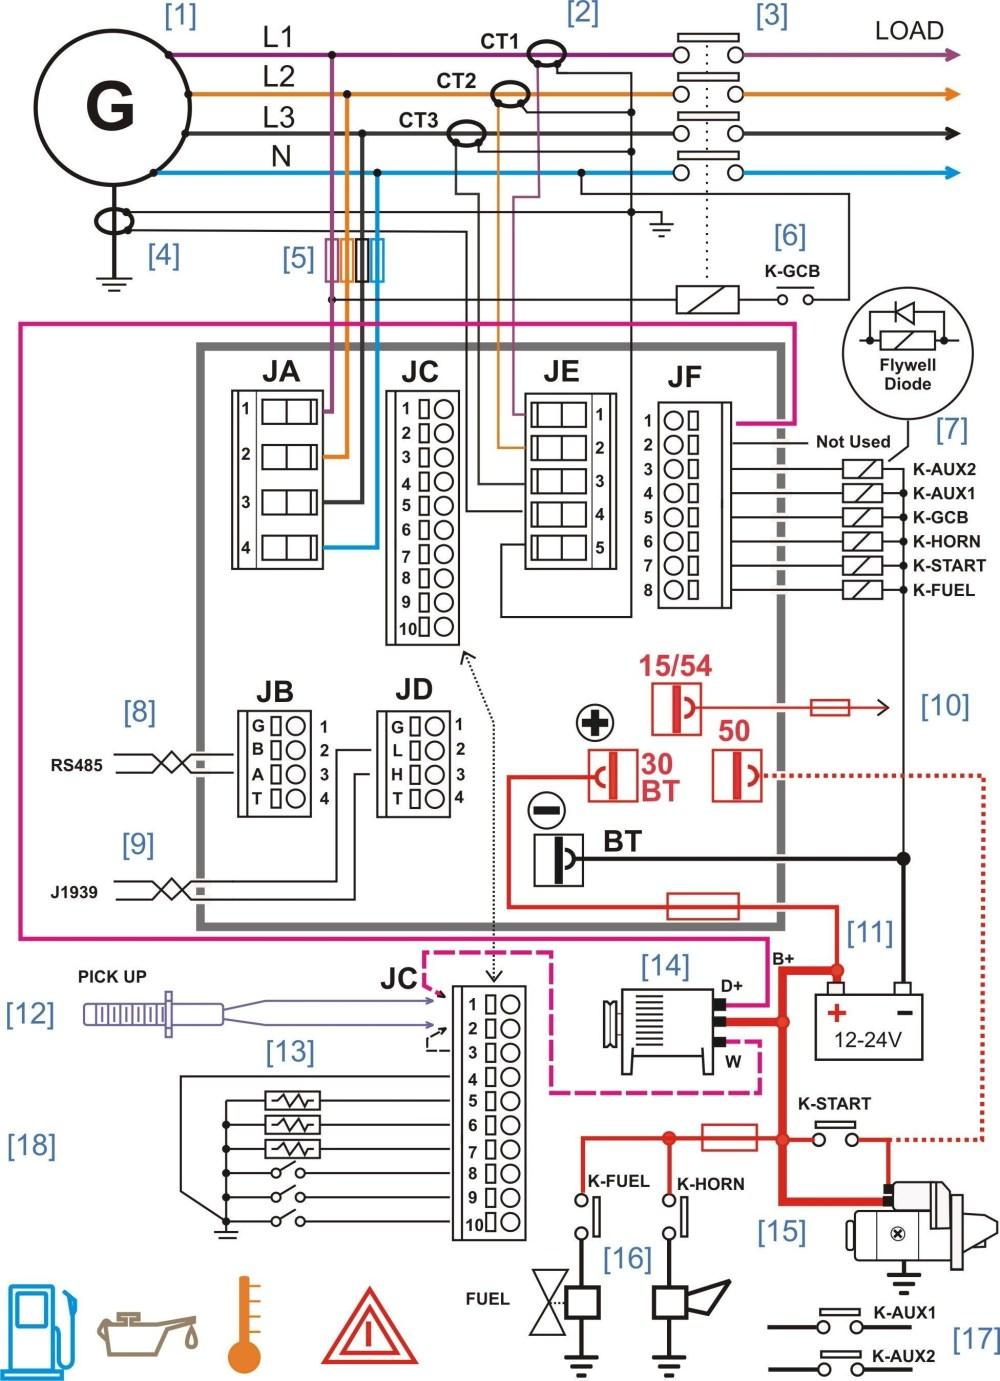 medium resolution of allen bradley wiring diagram eye wiring diagrams u2022 rh 26 eap ing de allen bradley inverter